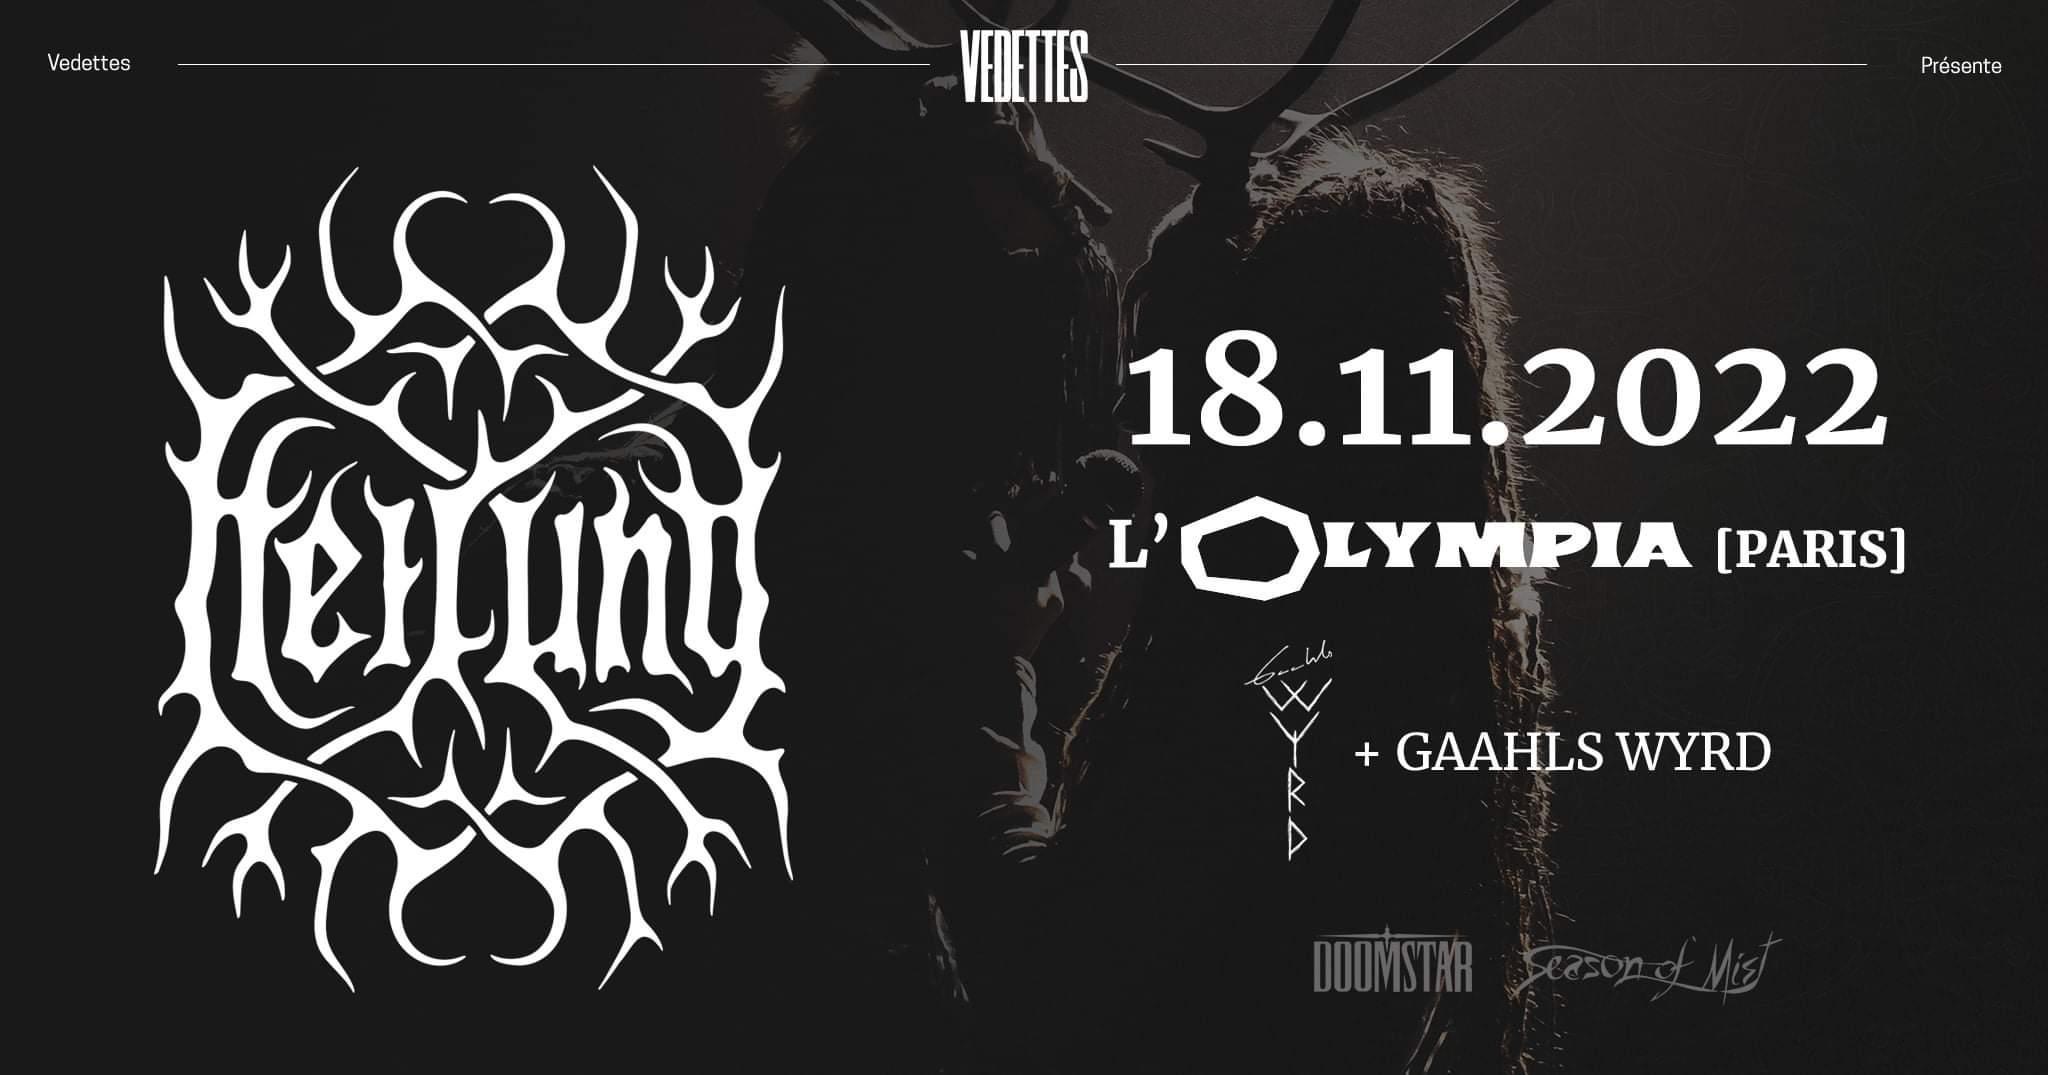 Heilung + Gaahls Wyrd @ L'Olympia (Paris (75)) - 18 novembre 2022